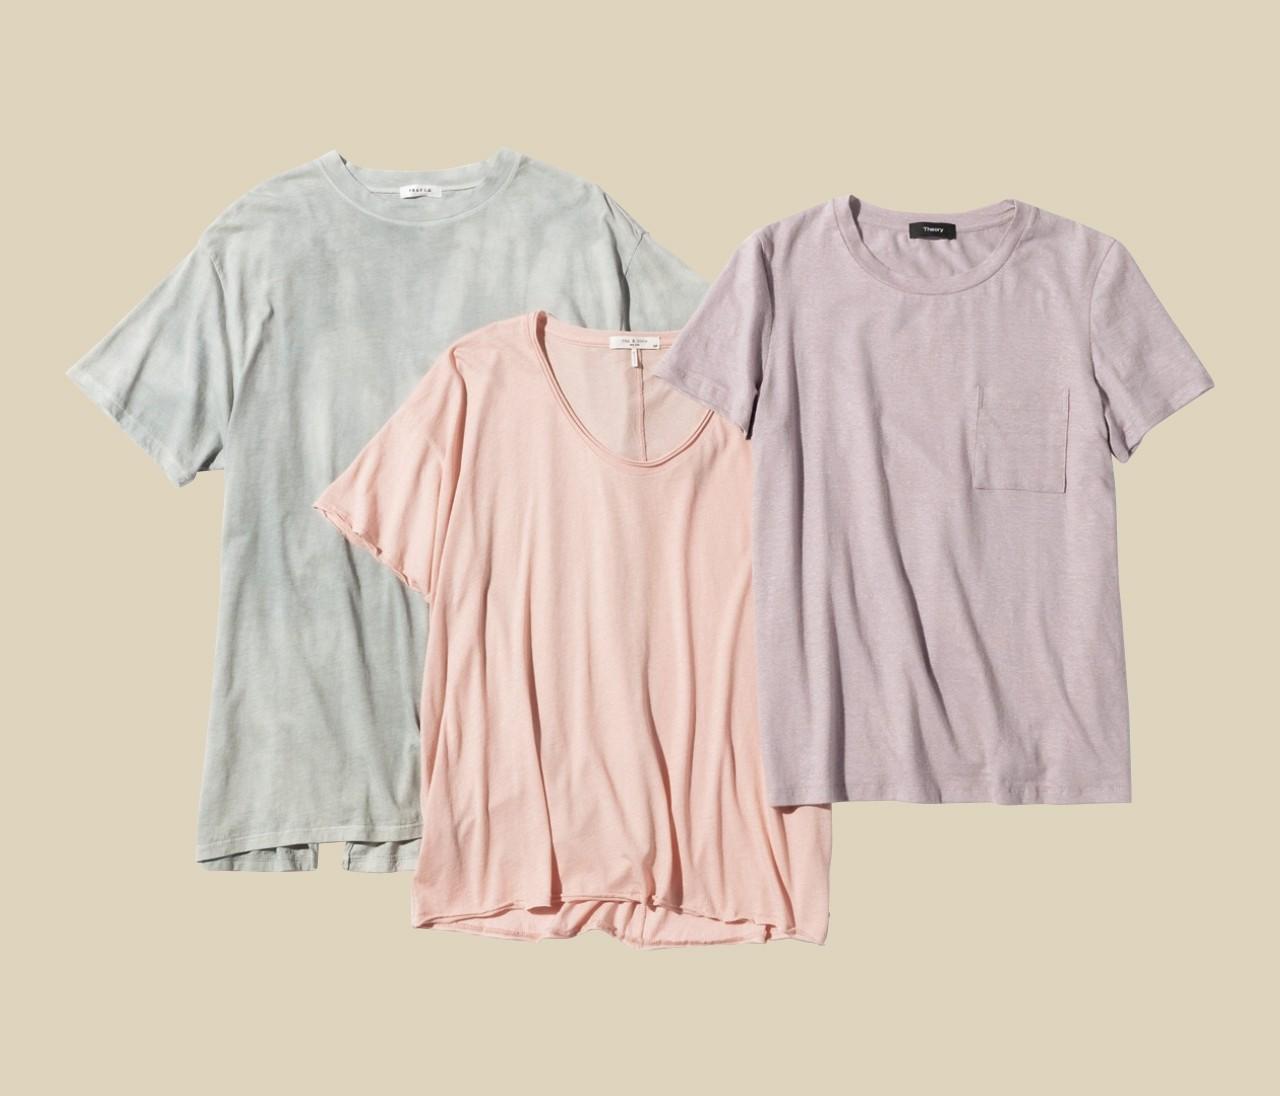 【辻直子さん夏のTシャツ】ニュアンスカラーのTシャツ、こう着るとおしゃれ!